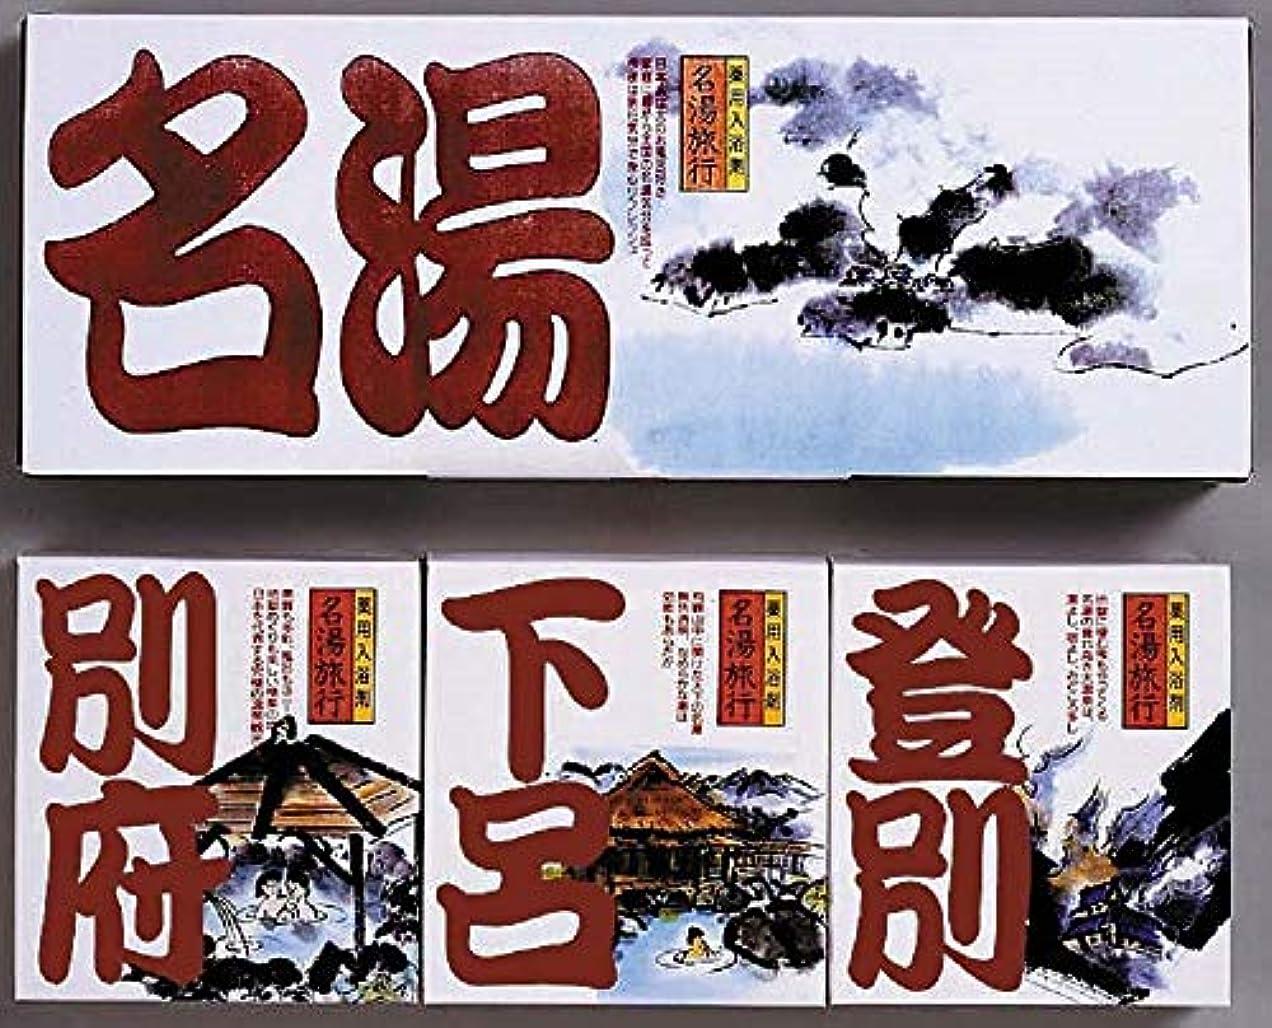 気を散らす花火通り抜ける名湯旅行ギフトセット MTR10 [医薬部外品]